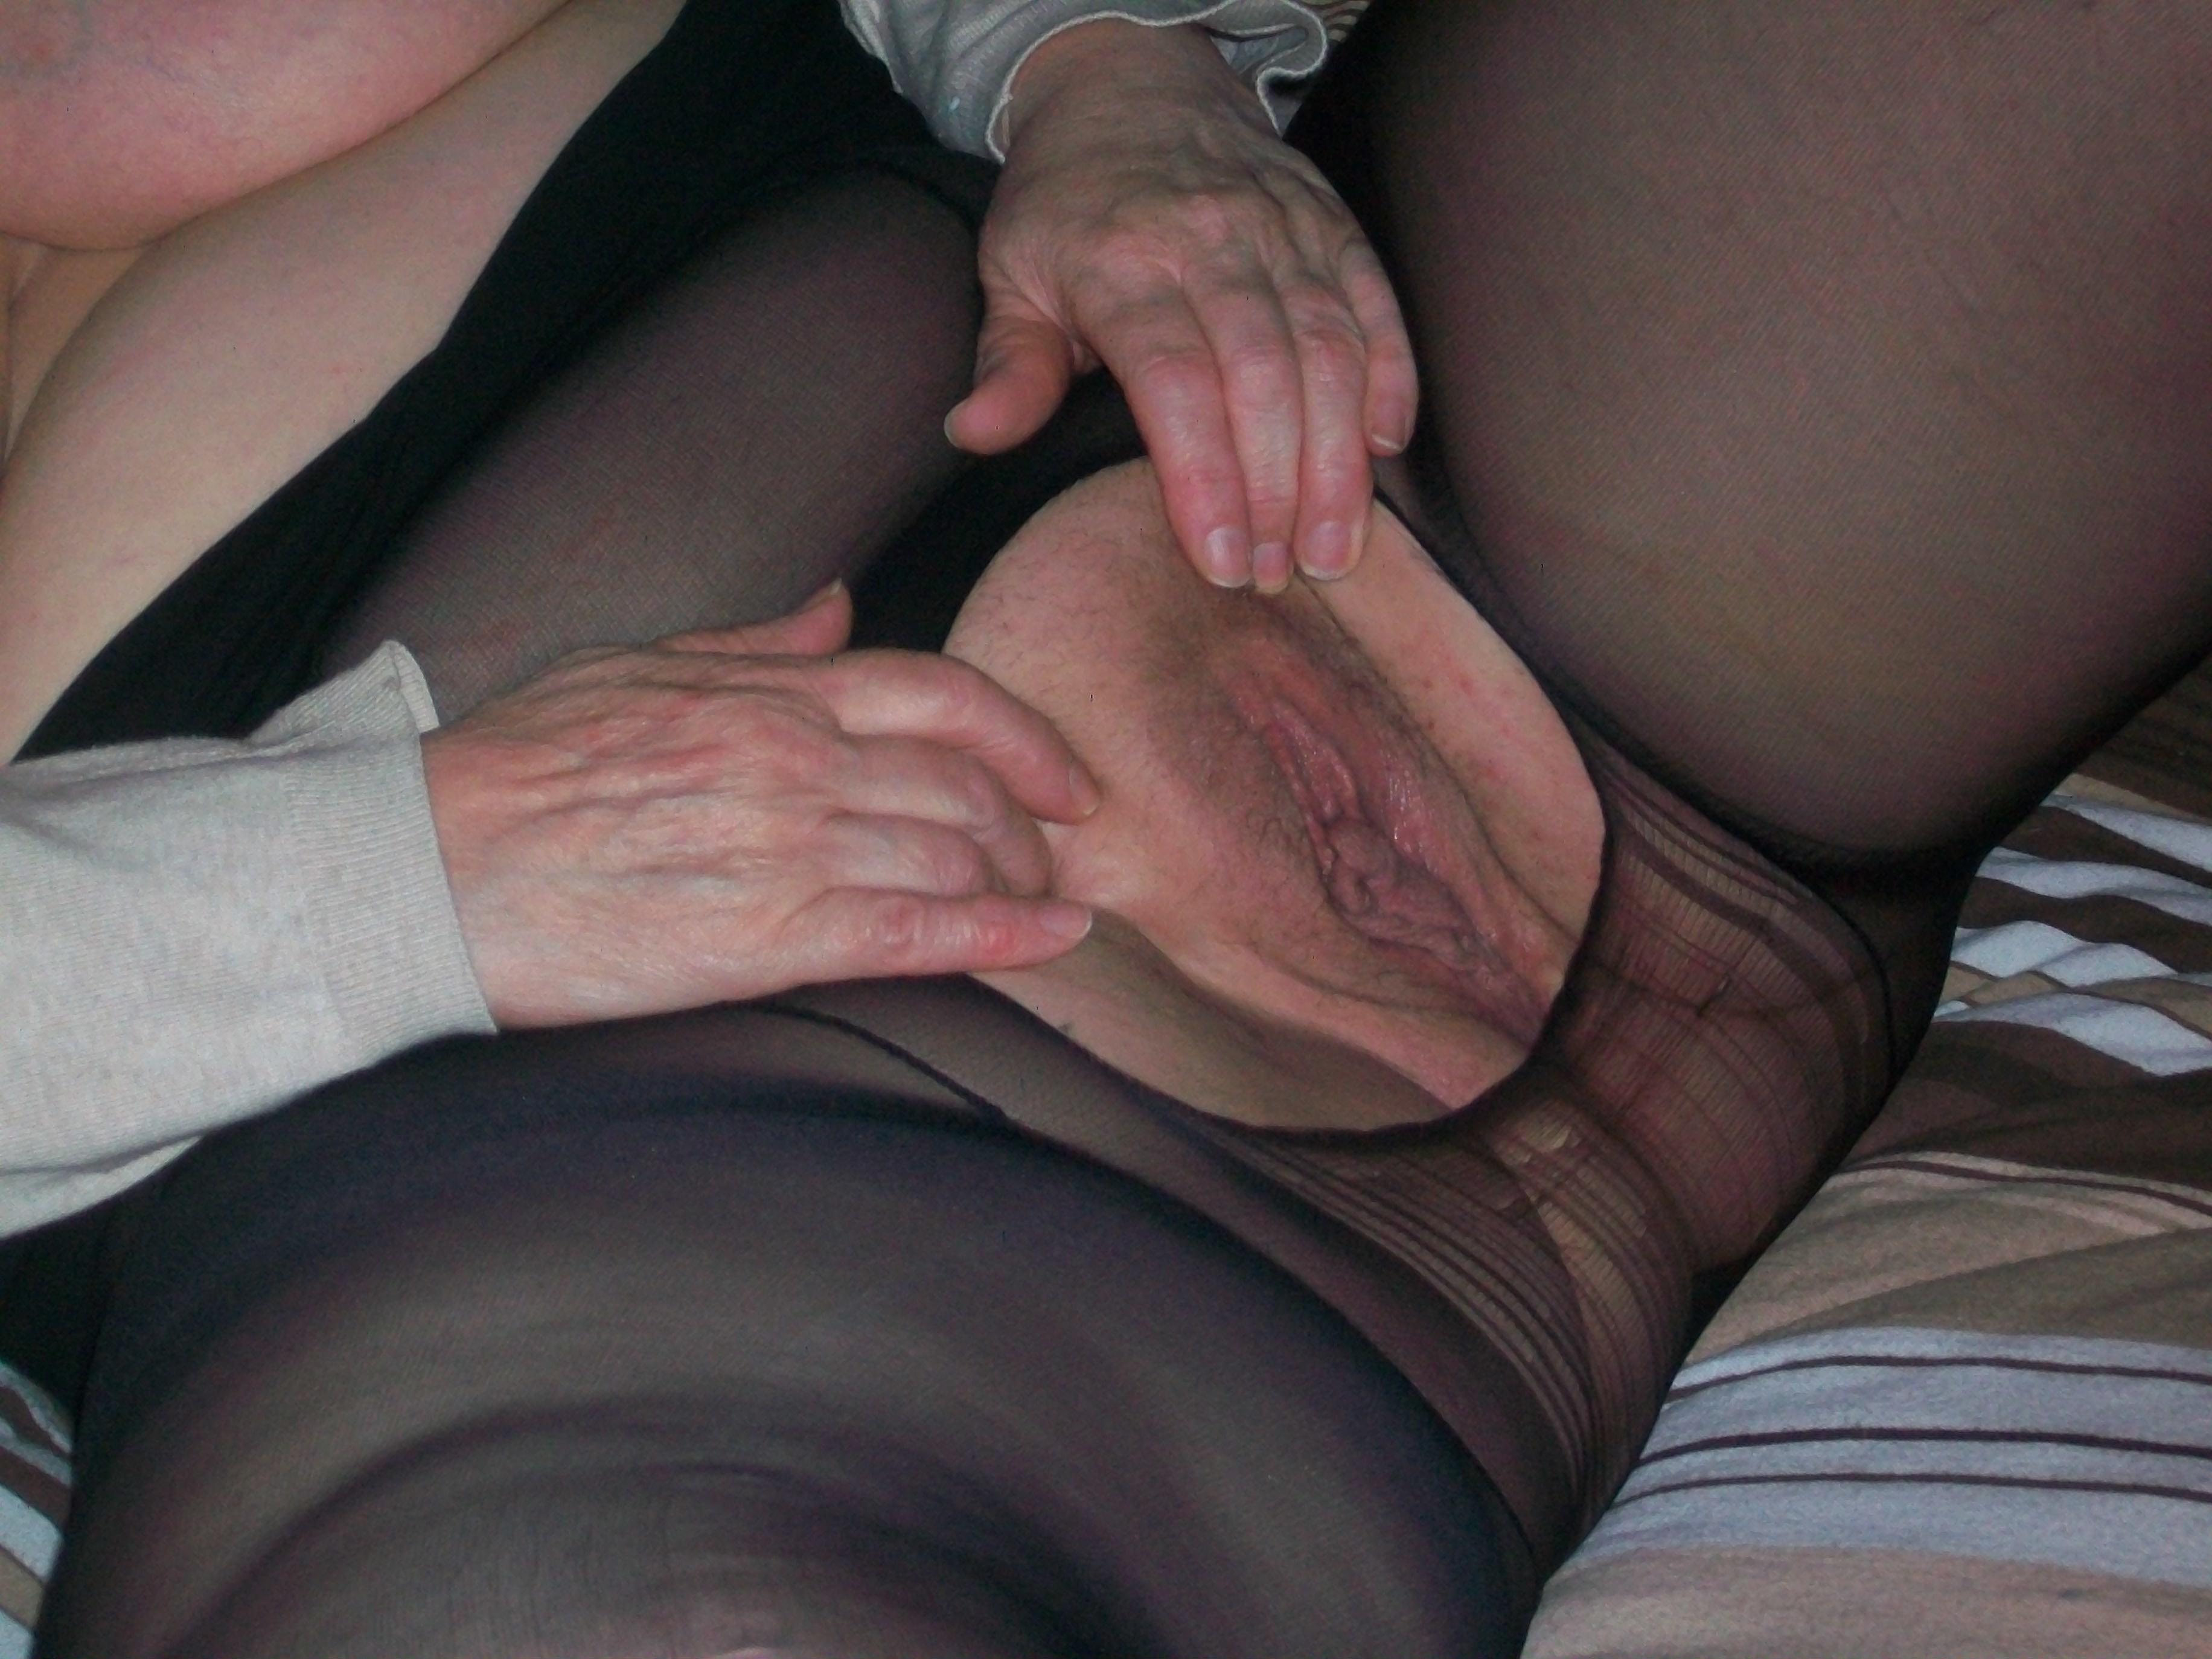 Сует колготки в пизду, Пихают колготки в пизду - видео top Her Flesh HD 15 фотография